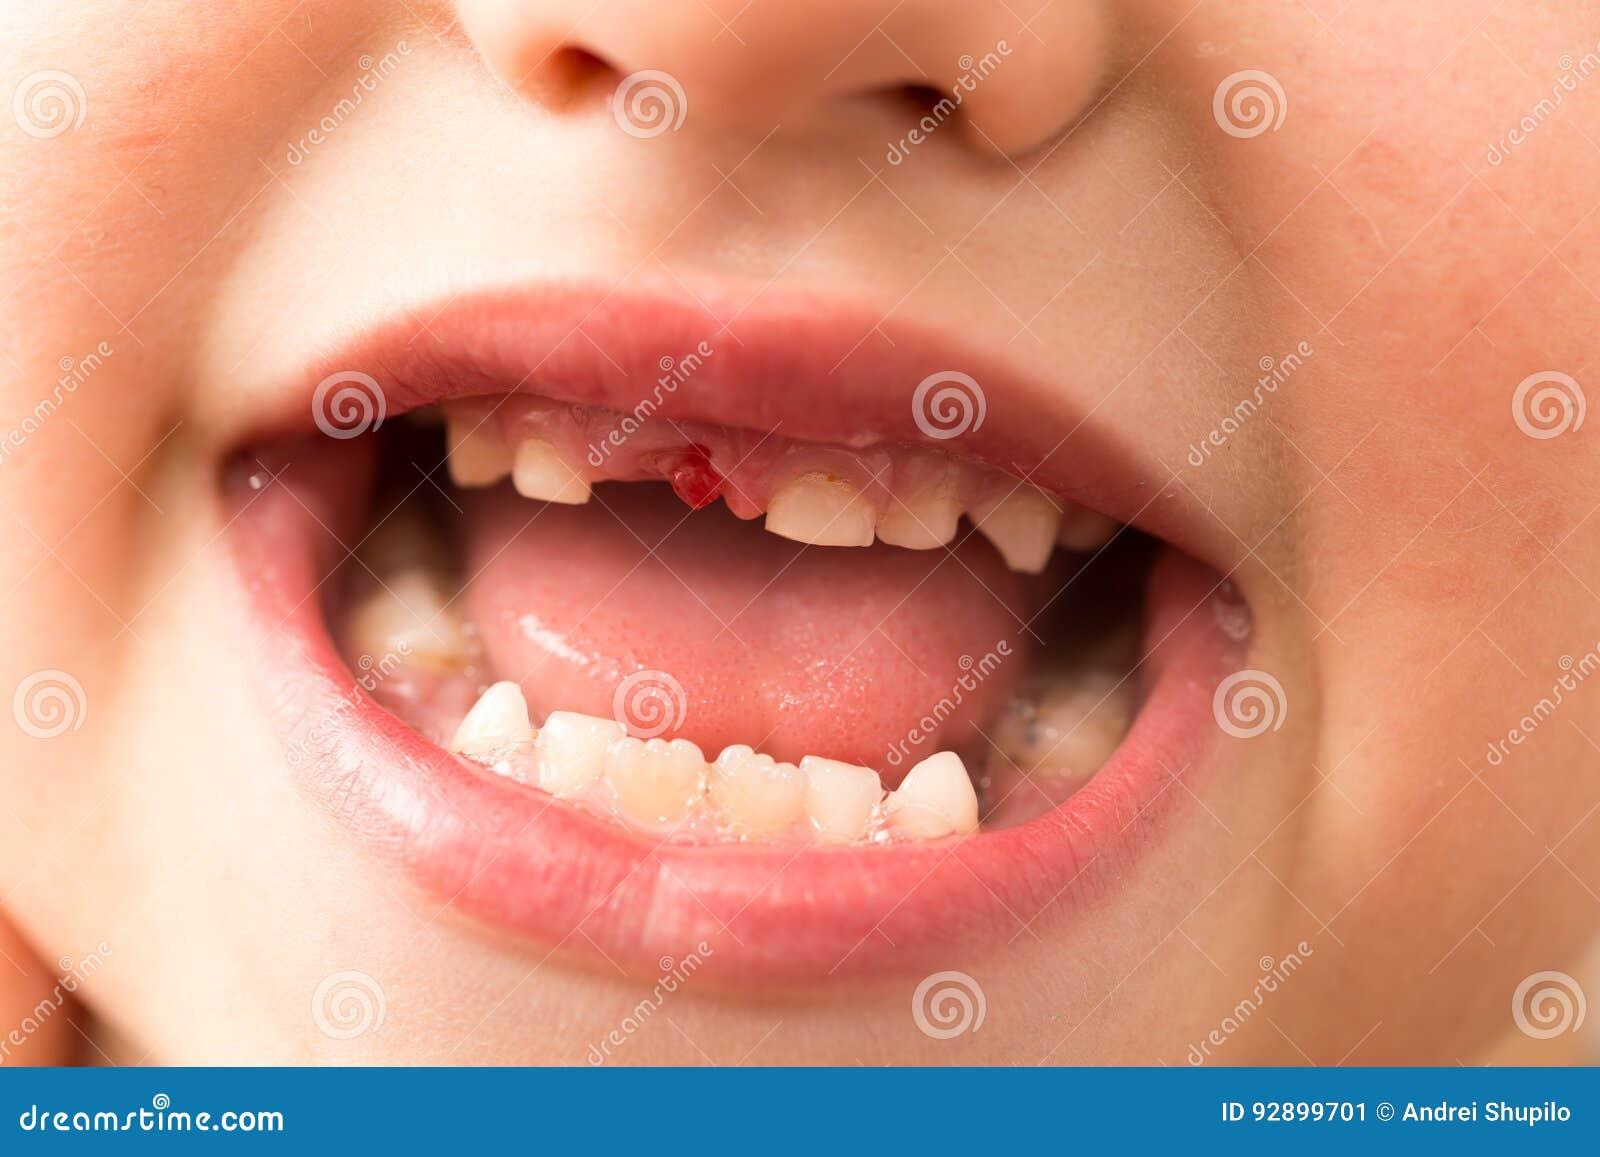 La bocca di un ragazzo senza un dente